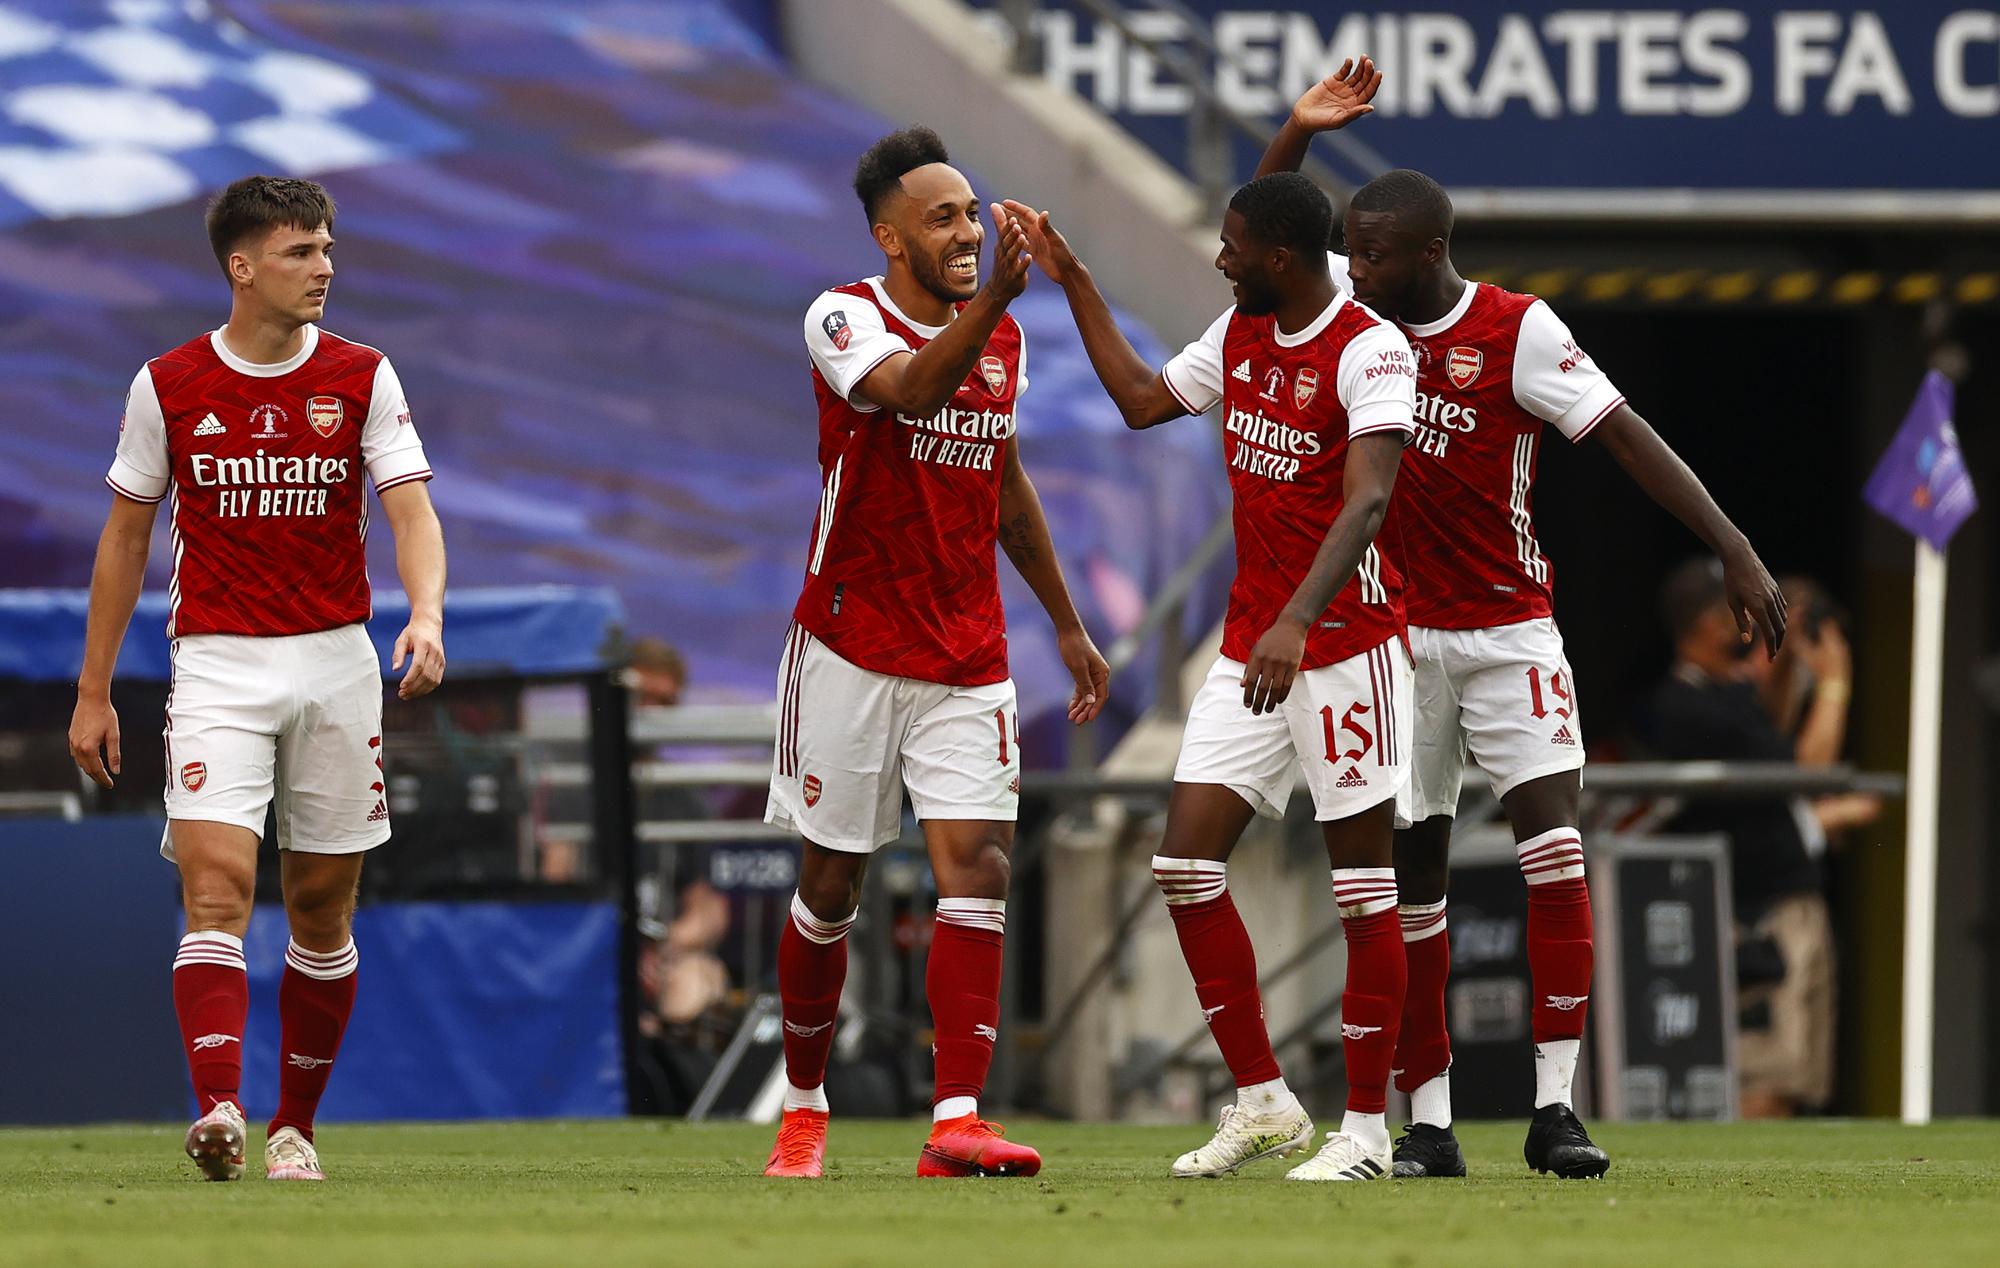 Arsenal gana el título de la FA Cup tras vencer a Chelsea y califica a la próxima edición de la Europa League